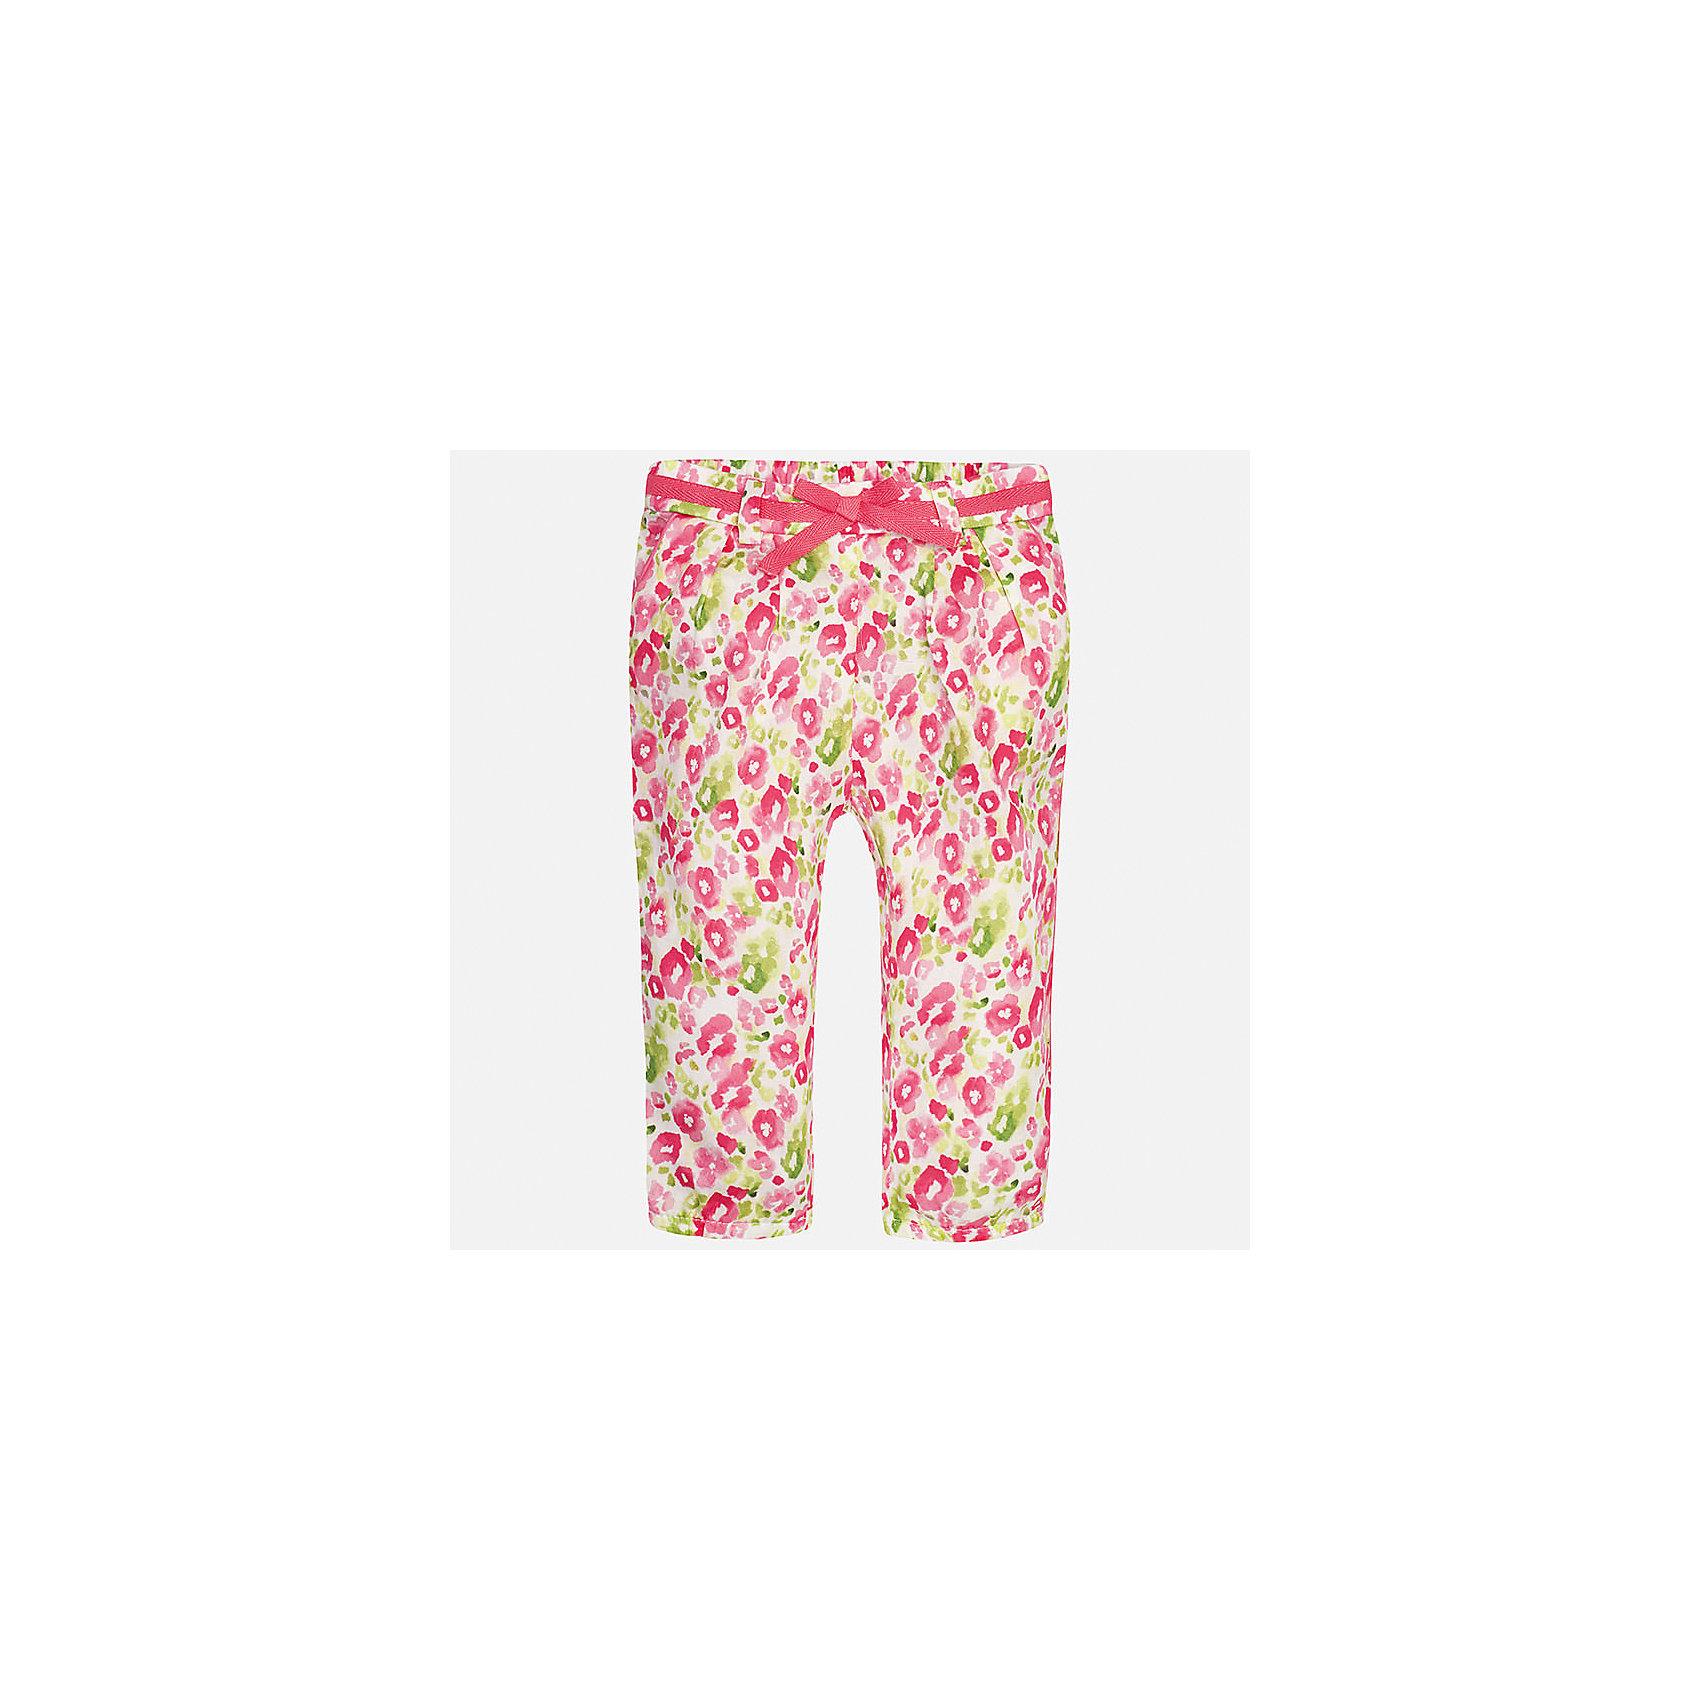 Брюки для девочки MayoralВесенняя капель<br>Характеристики товара:<br><br>• цвет: розовый<br>• состав: 100% хлопок<br>• складки на талии<br>• шлевки<br>• пояс с регулировкой объема<br>• цветочный принт<br>• страна бренда: Испания<br><br>Модные легкие брюки для девочки смогут разнообразить гардероб ребенка и украсить наряд. Они отлично сочетаются с майками, футболками, блузками. Красивый оттенок позволяет подобрать к вещи верх разных расцветок. Интересный крой модели делает её нарядной и оригинальной. <br><br>Одежда, обувь и аксессуары от испанского бренда Mayoral полюбились детям и взрослым по всему миру. Модели этой марки - стильные и удобные. Для их производства используются только безопасные, качественные материалы и фурнитура. Порадуйте ребенка модными и красивыми вещами от Mayoral! <br><br>Брюки для девочки от испанского бренда Mayoral (Майорал) можно купить в нашем интернет-магазине.<br><br>Ширина мм: 215<br>Глубина мм: 88<br>Высота мм: 191<br>Вес г: 336<br>Цвет: розовый<br>Возраст от месяцев: 6<br>Возраст до месяцев: 9<br>Пол: Женский<br>Возраст: Детский<br>Размер: 74,92,86,80<br>SKU: 5288991